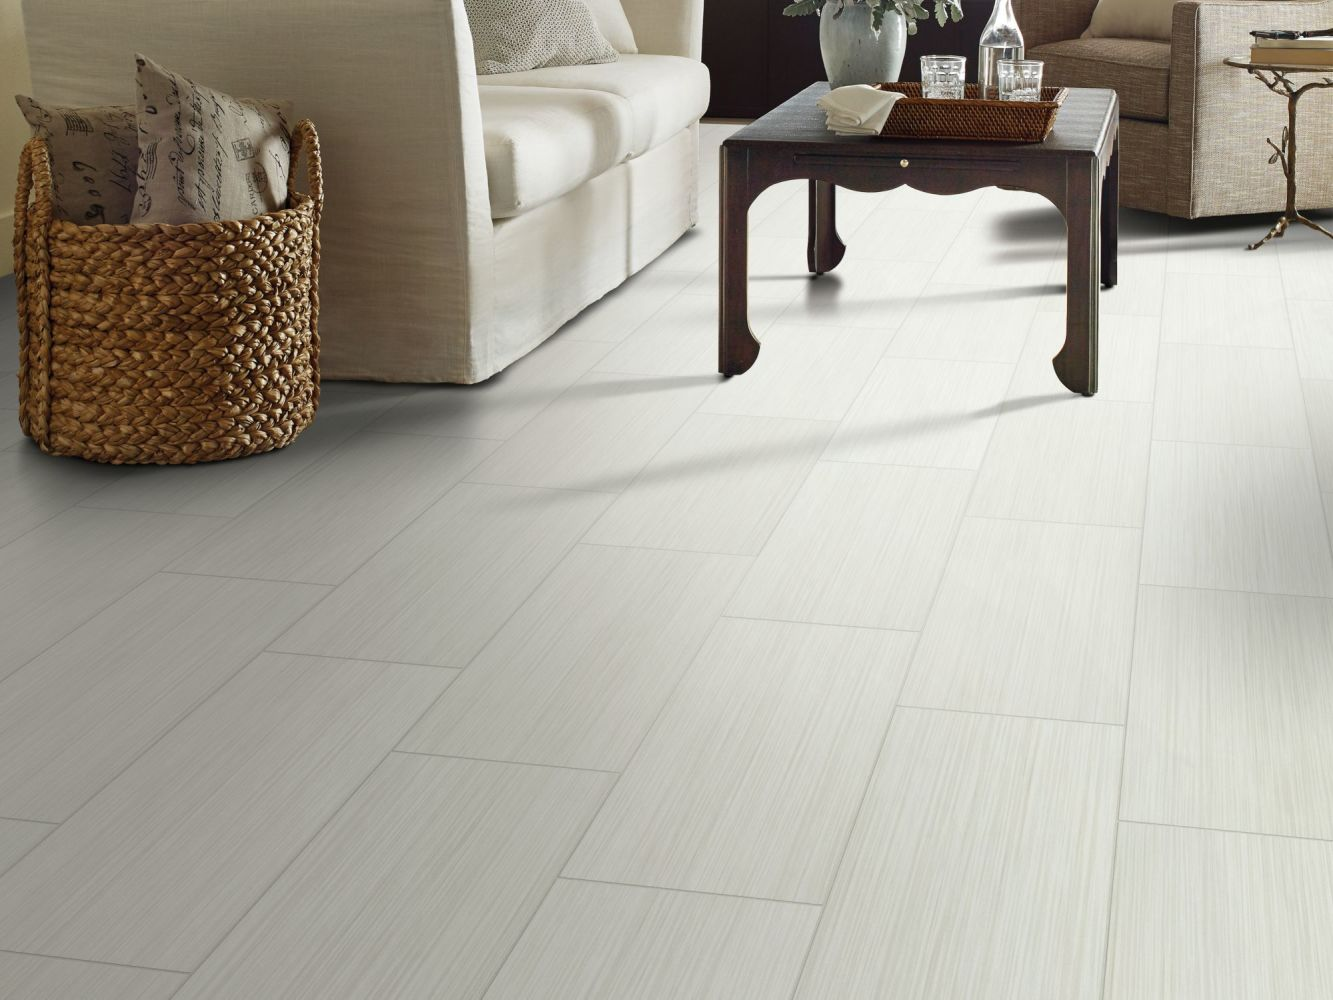 Shaw Floors Toll Brothers Ceramics Parade 12×24 Gossamer 00100_TL20B